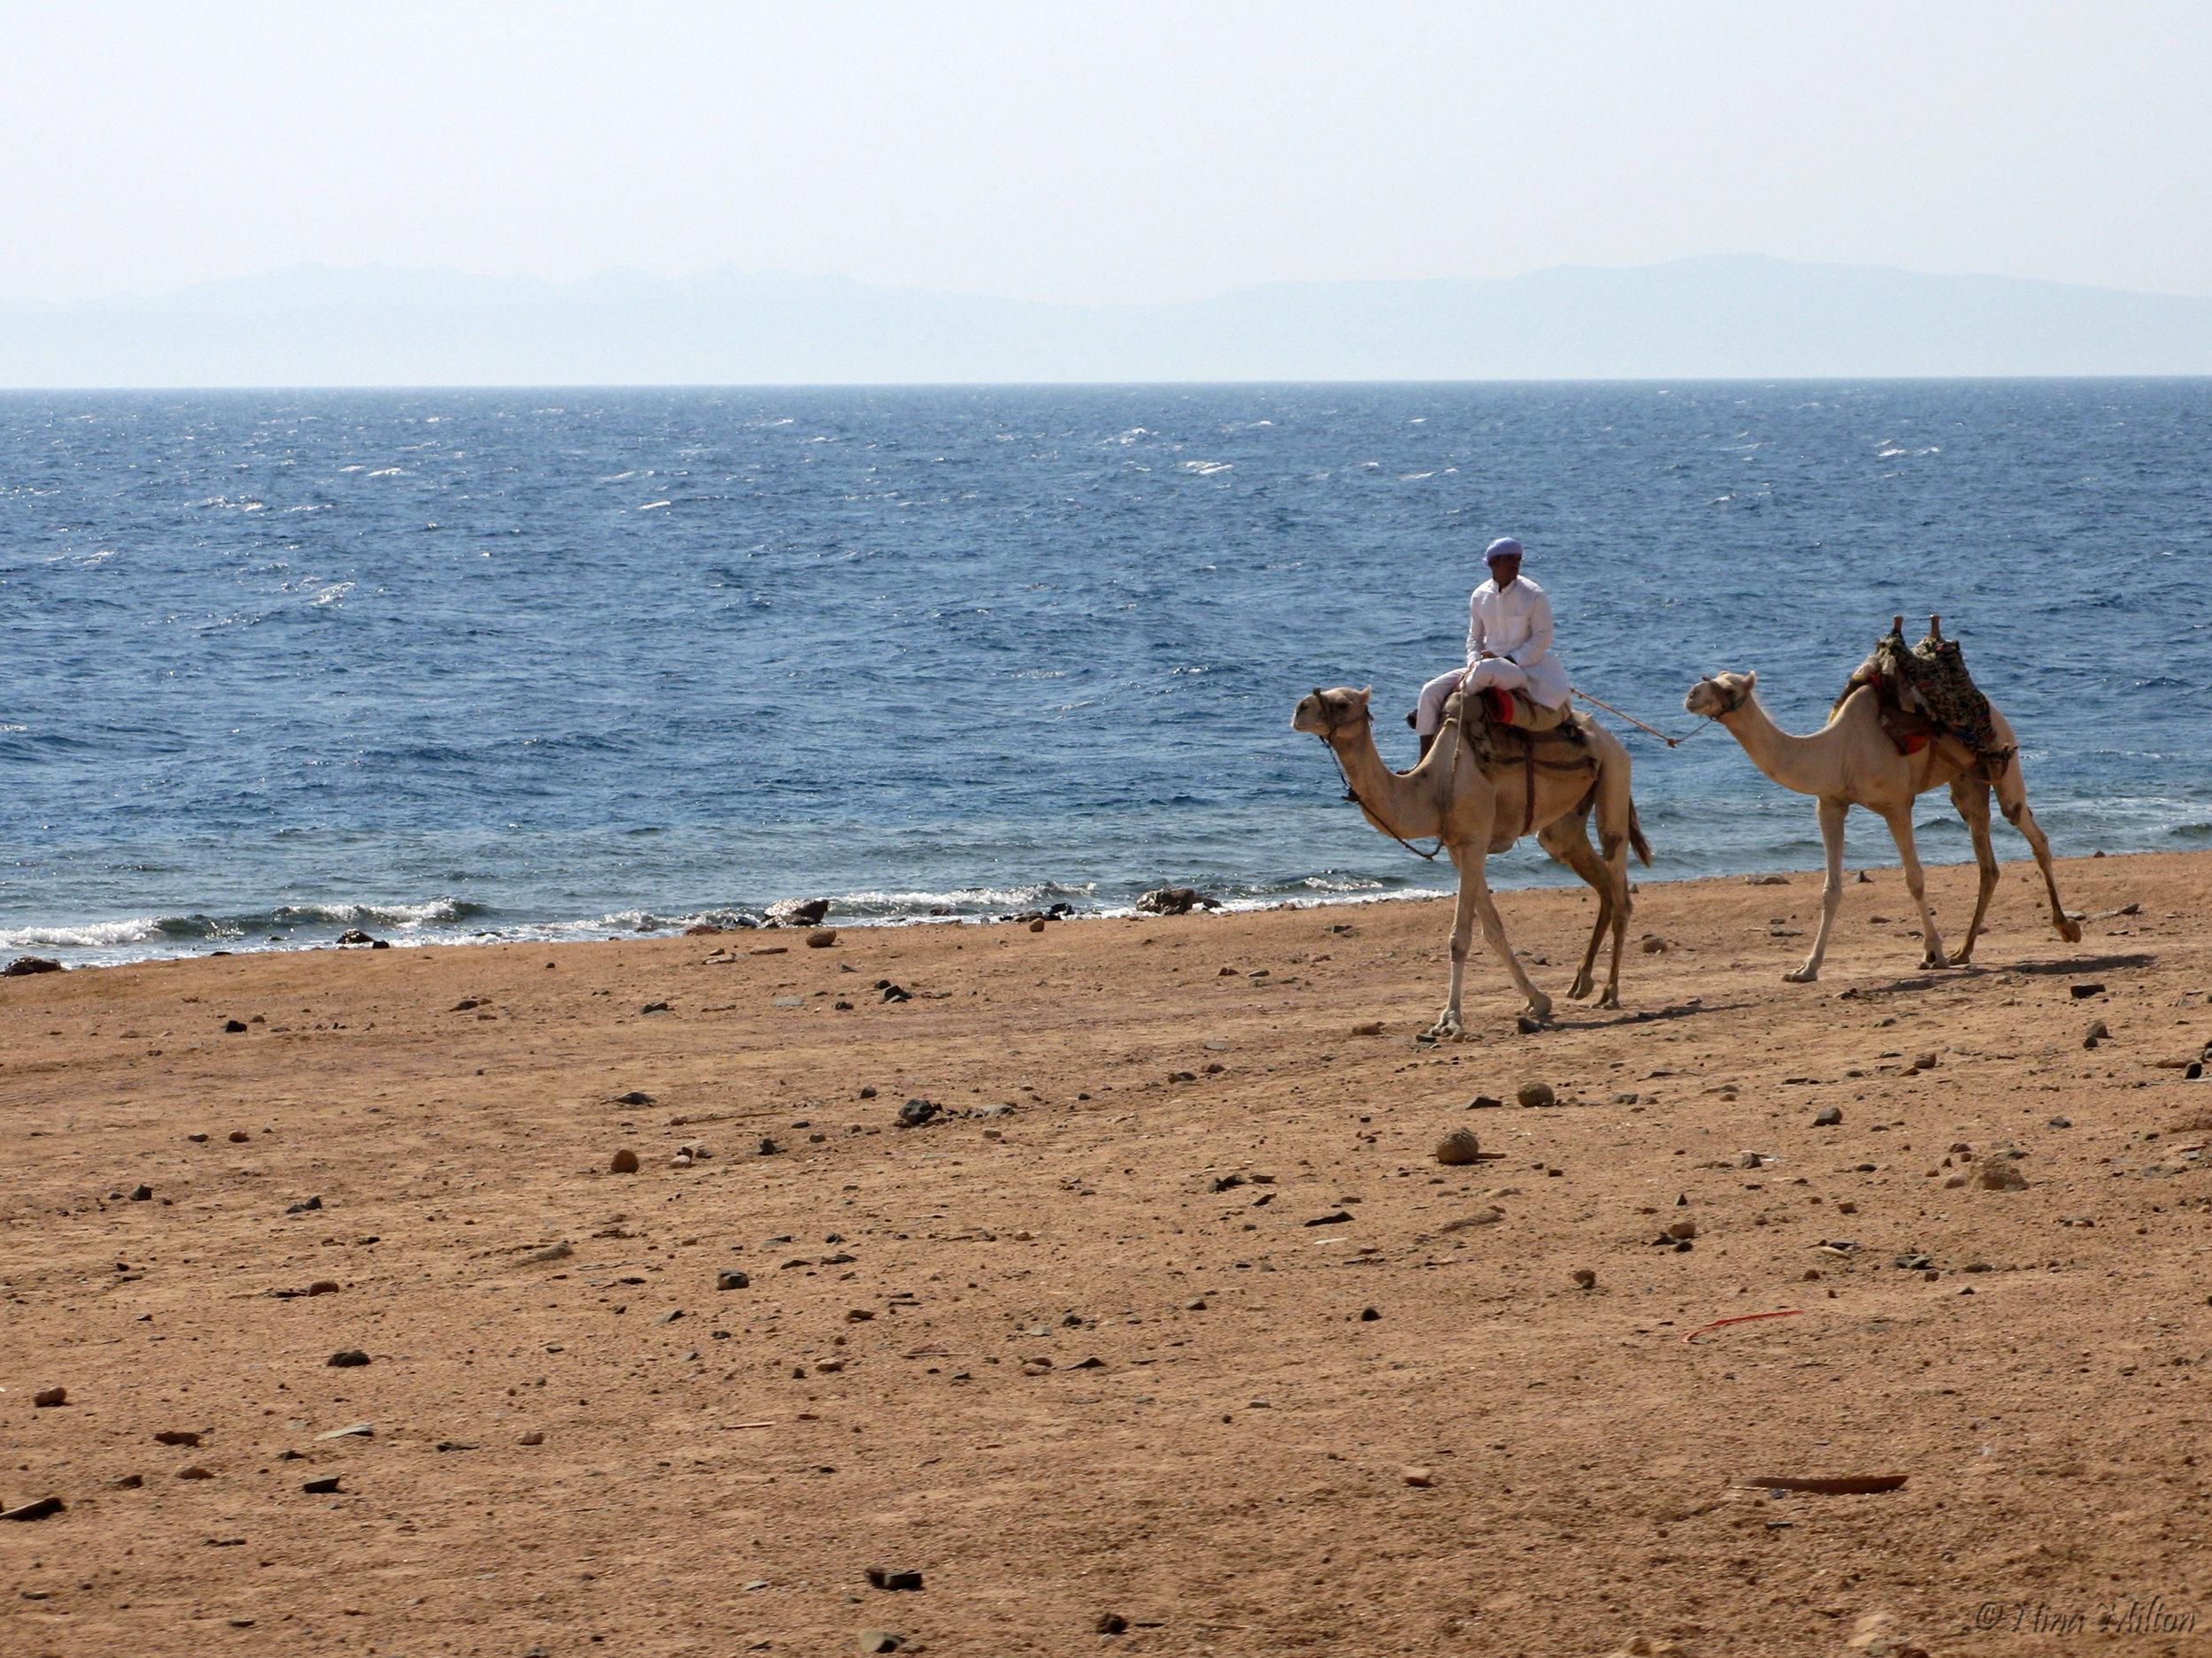 Dahab_trips_excursions_Red Sea_Egypt_Sinai_camel.jpg